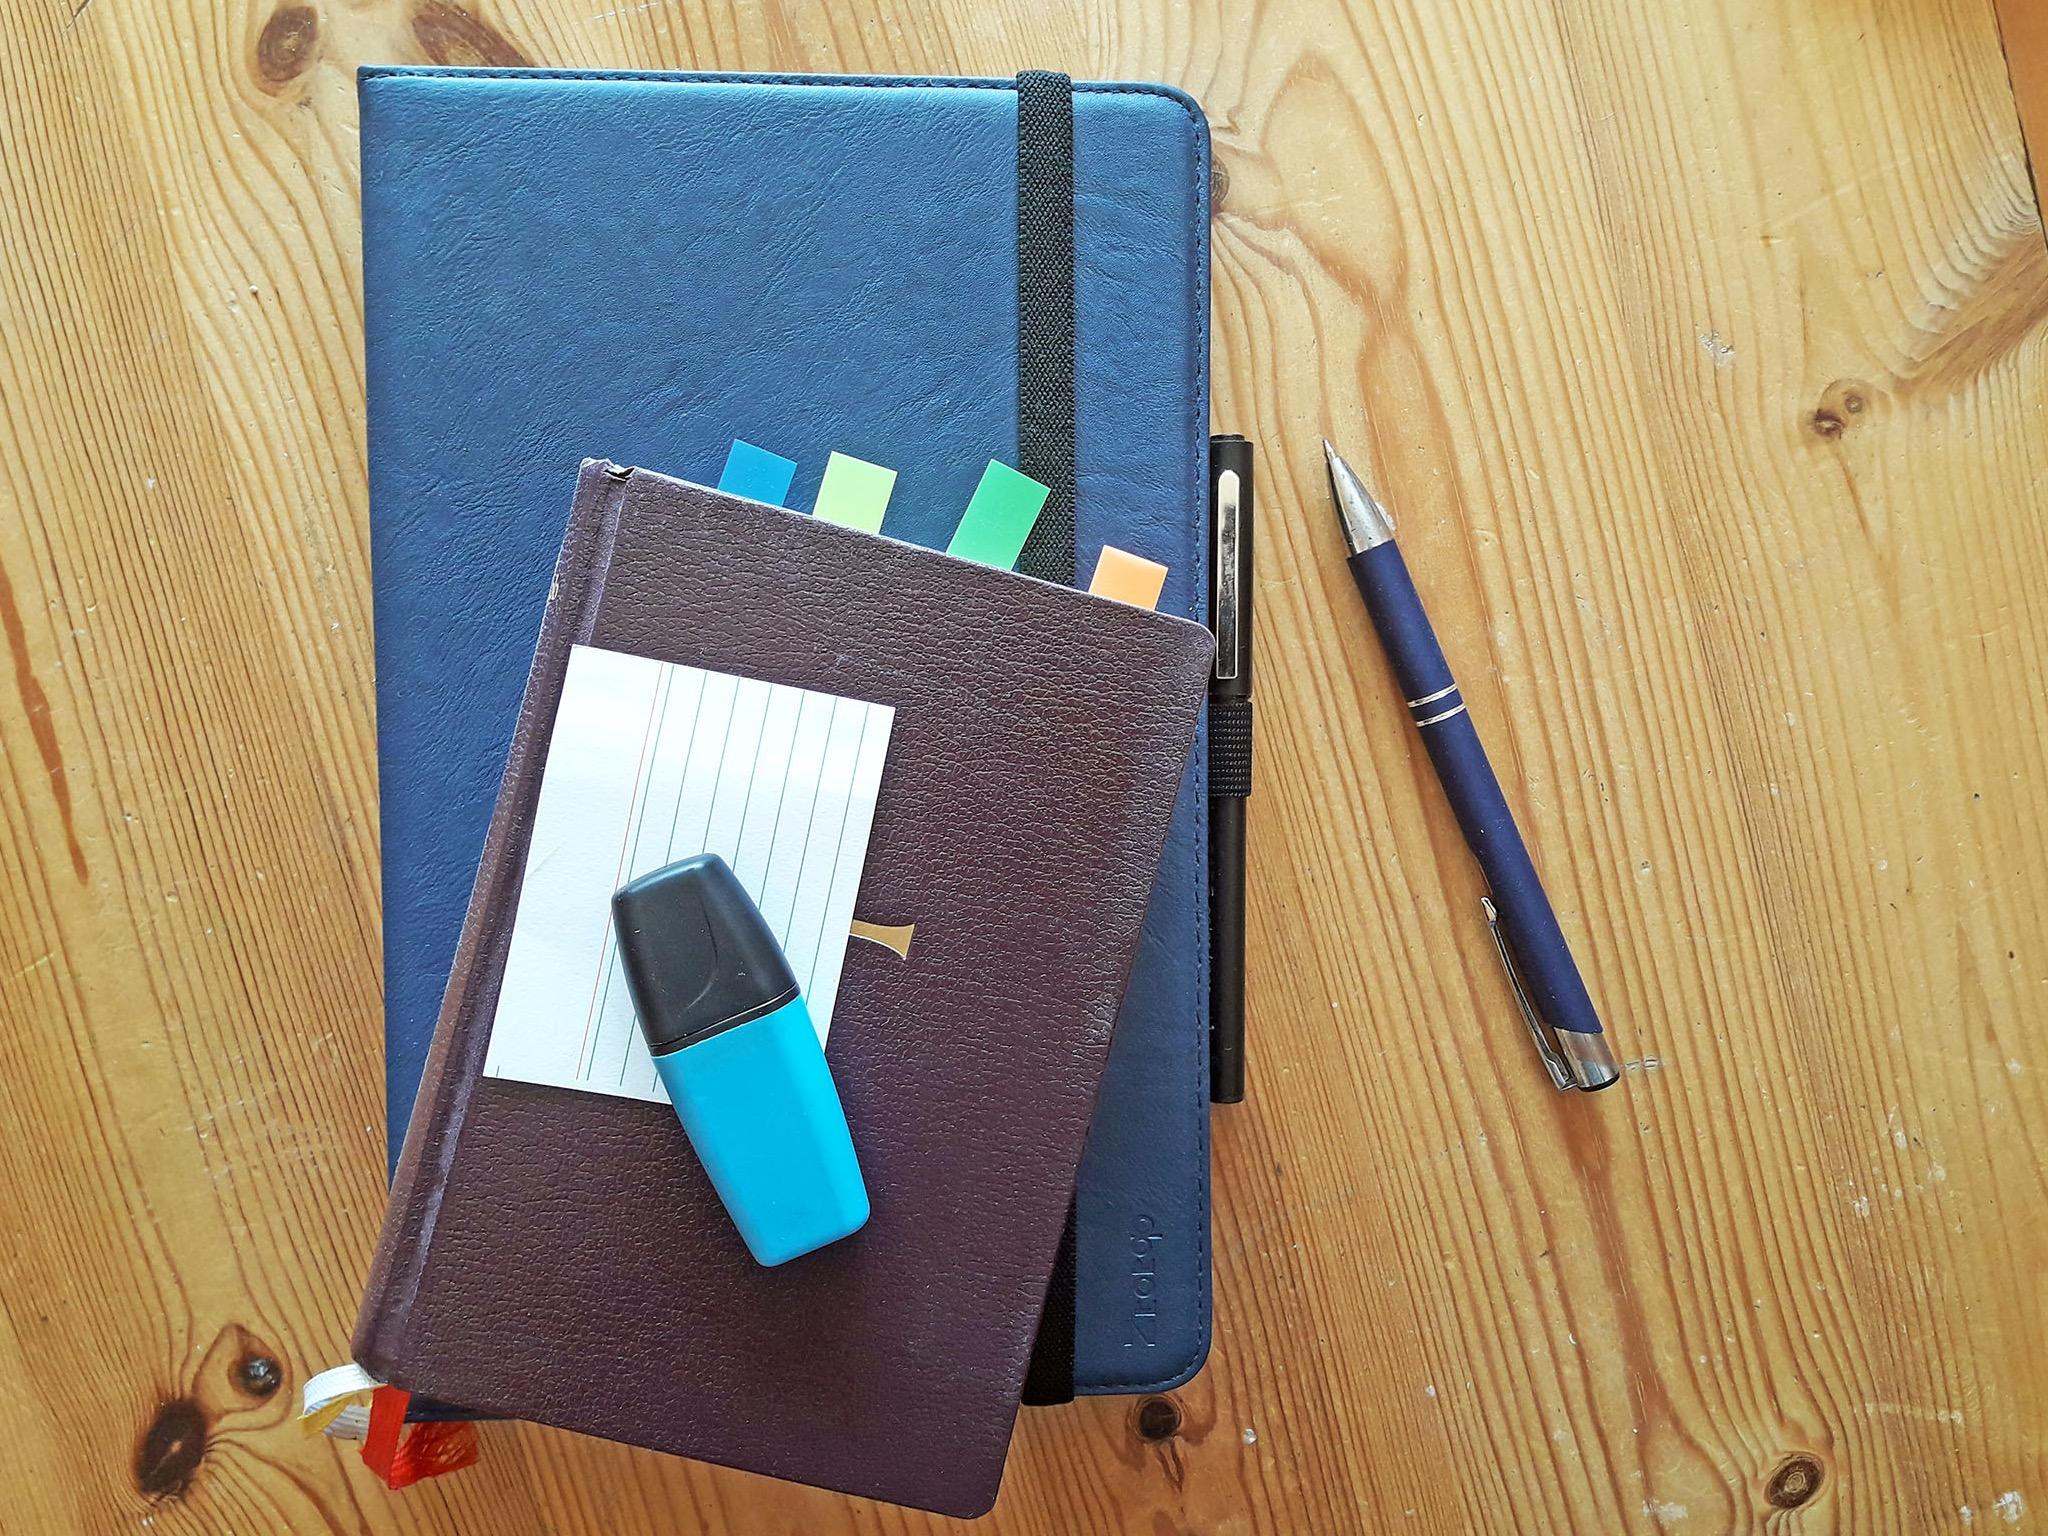 Bücher mit Post-its und Markierungen standen nicht zur Verfügung. Foto: FHWS / Klein